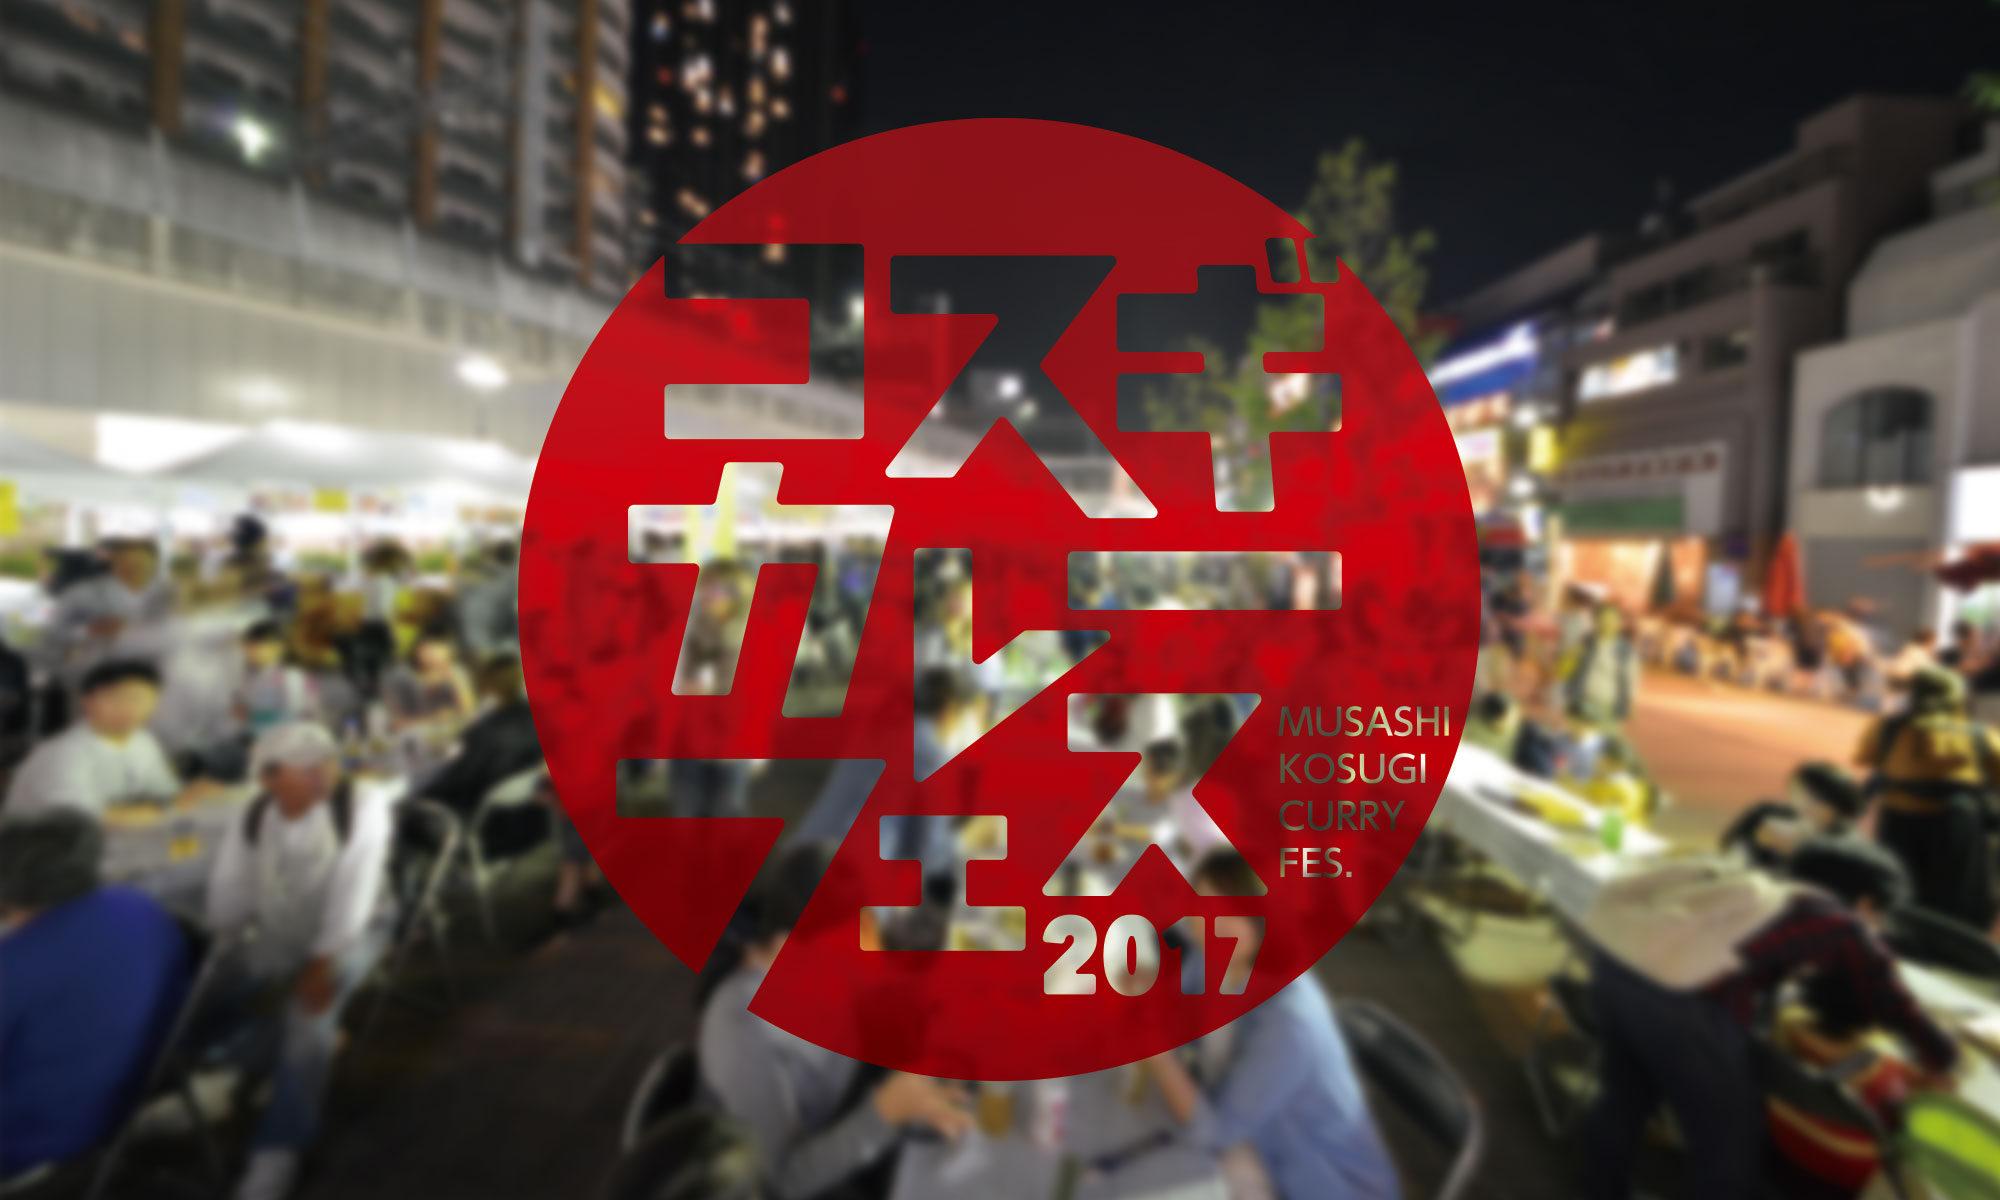 コスギカレーフェスティバル2017